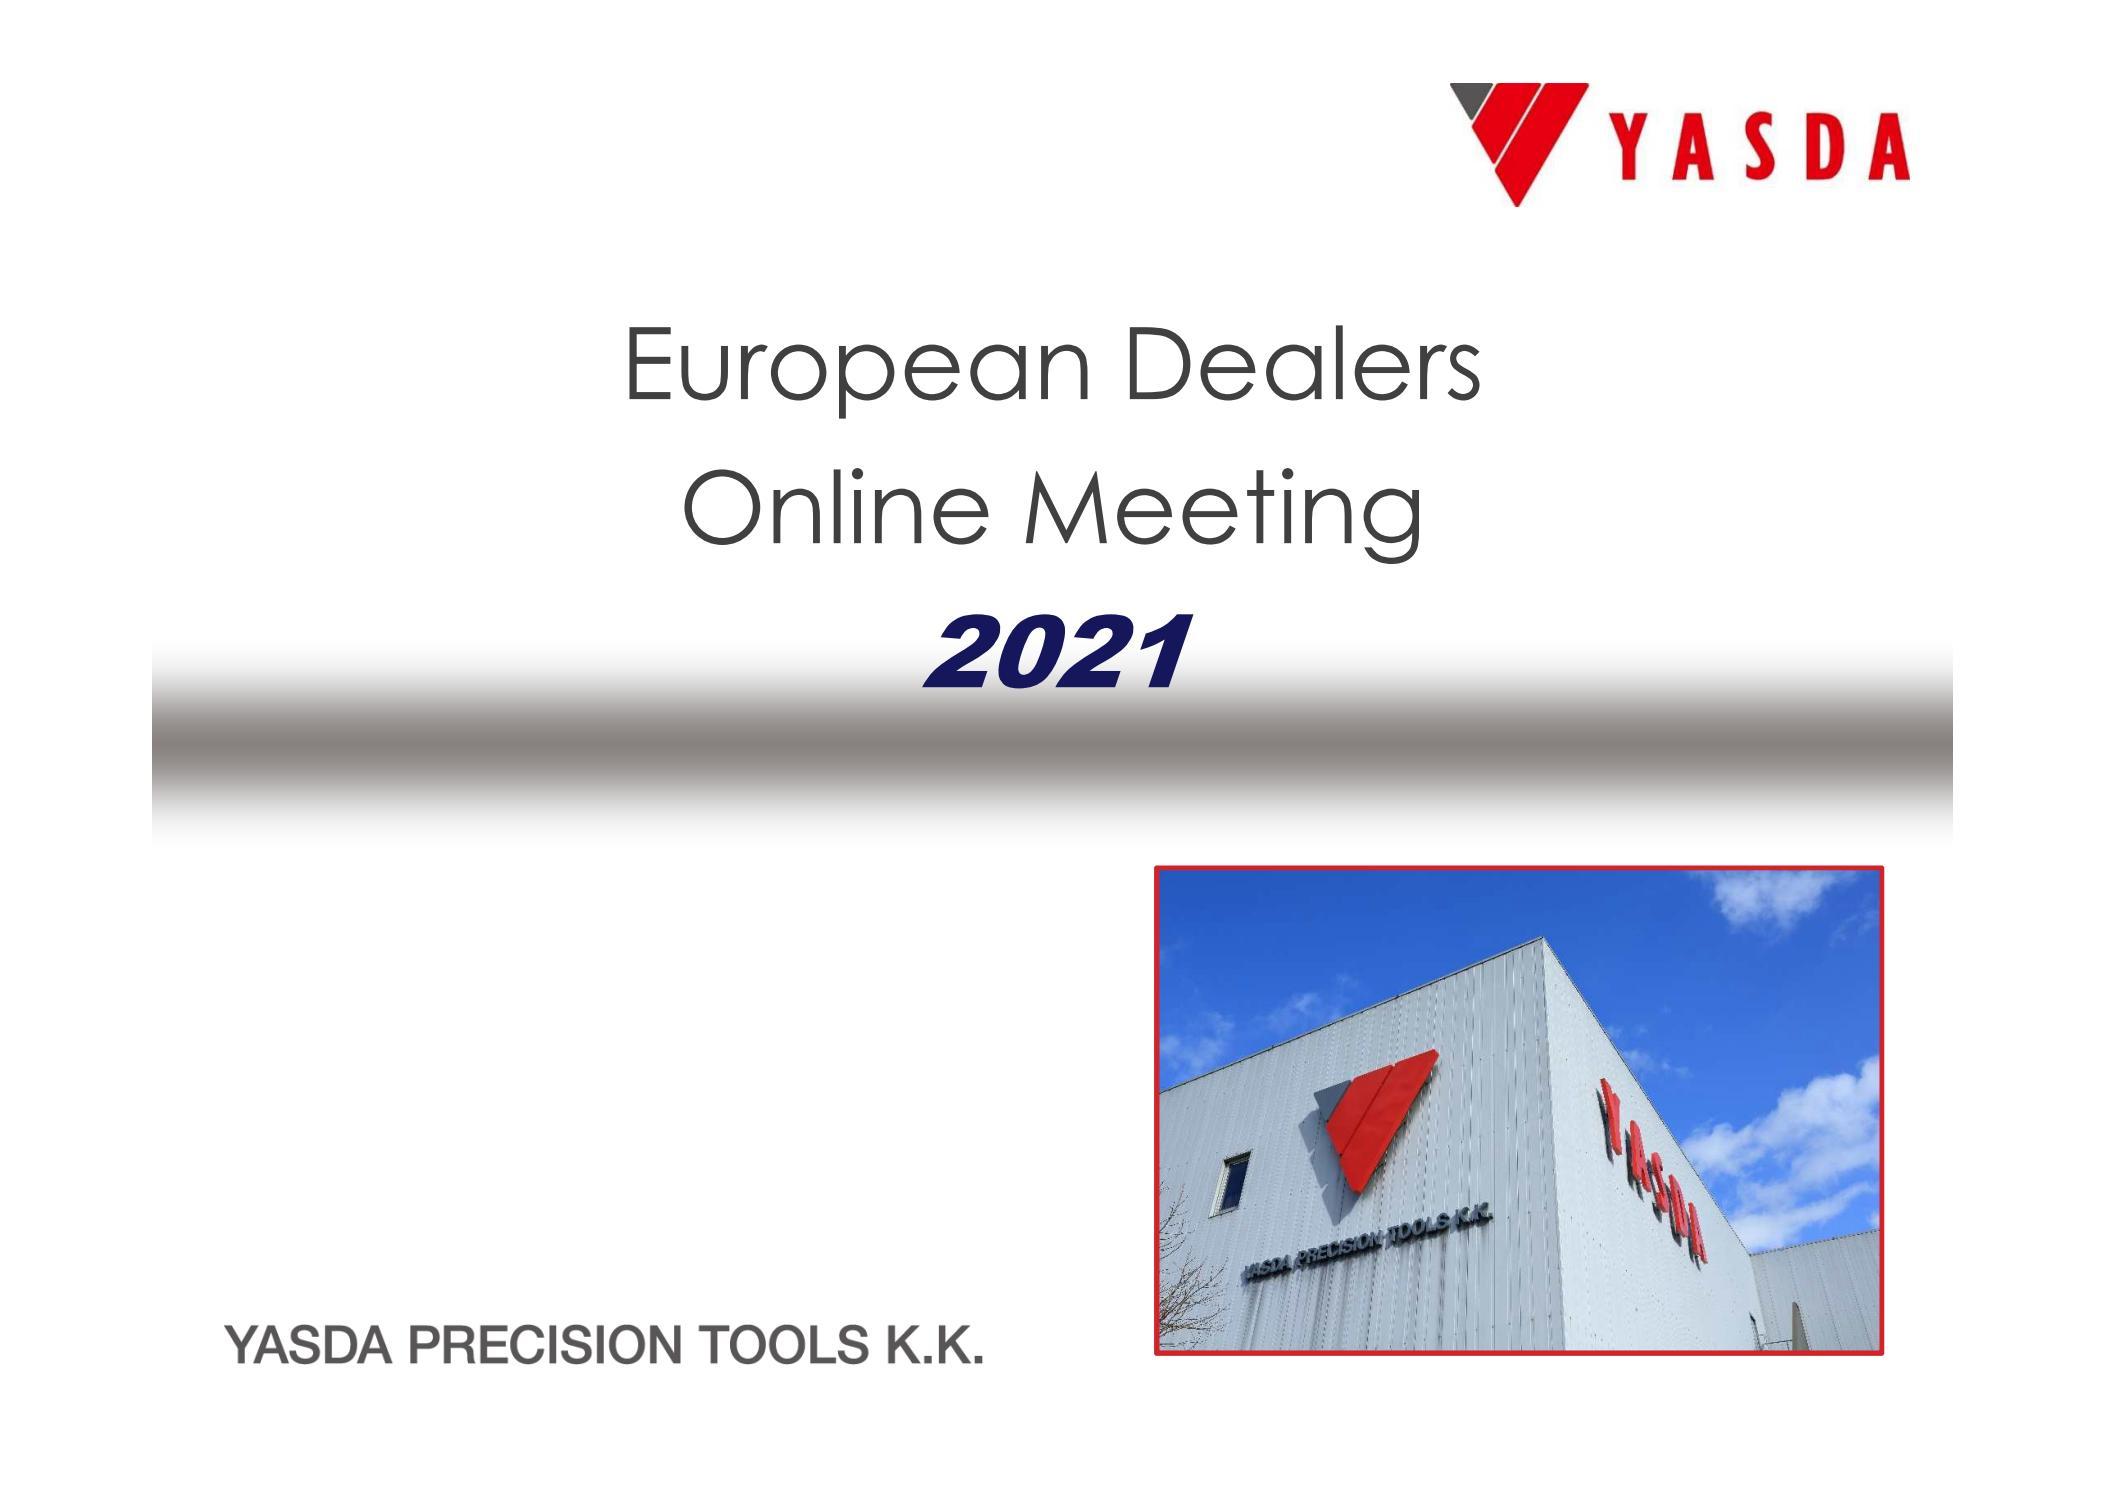 European Online-Dealermeeting 2021